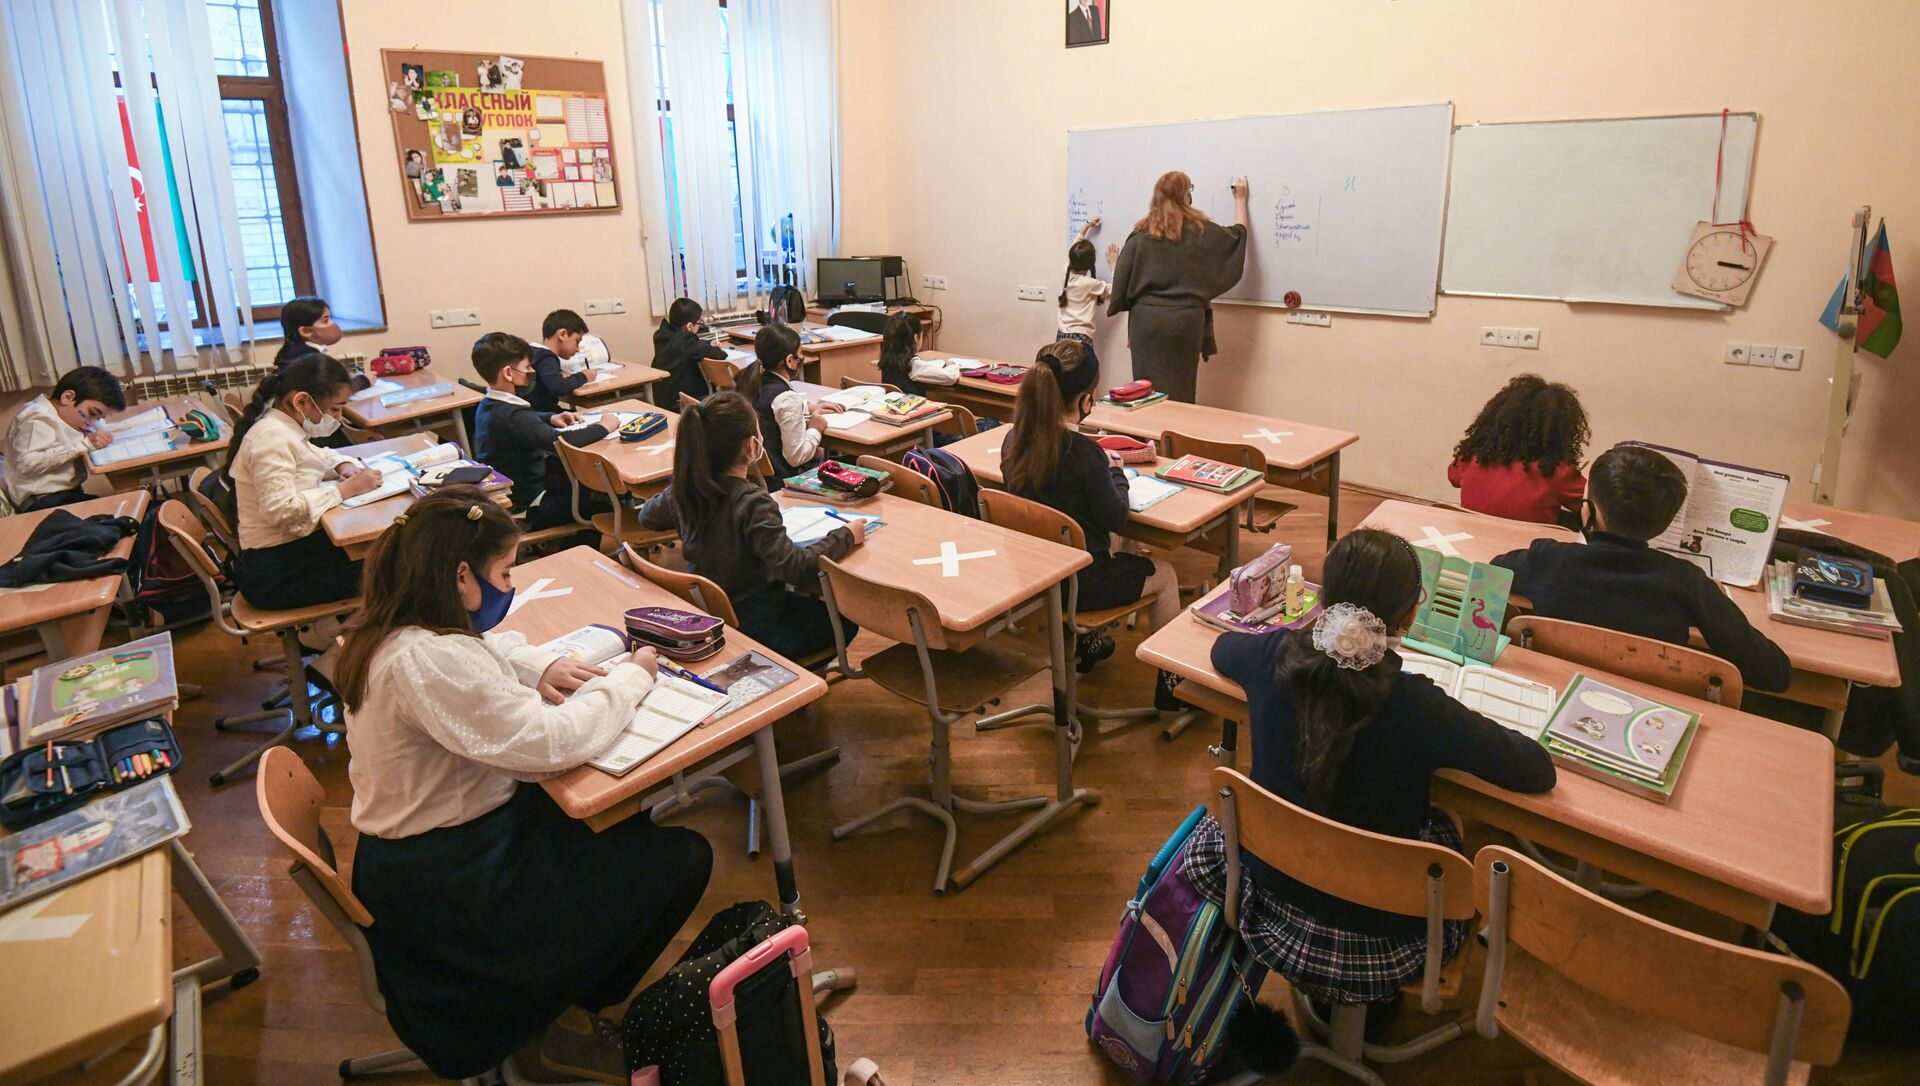 Возобновление очных занятий в бакинских школах, 1 февраля 2021 года - Sputnik Azərbaycan, 1920, 25.06.2021